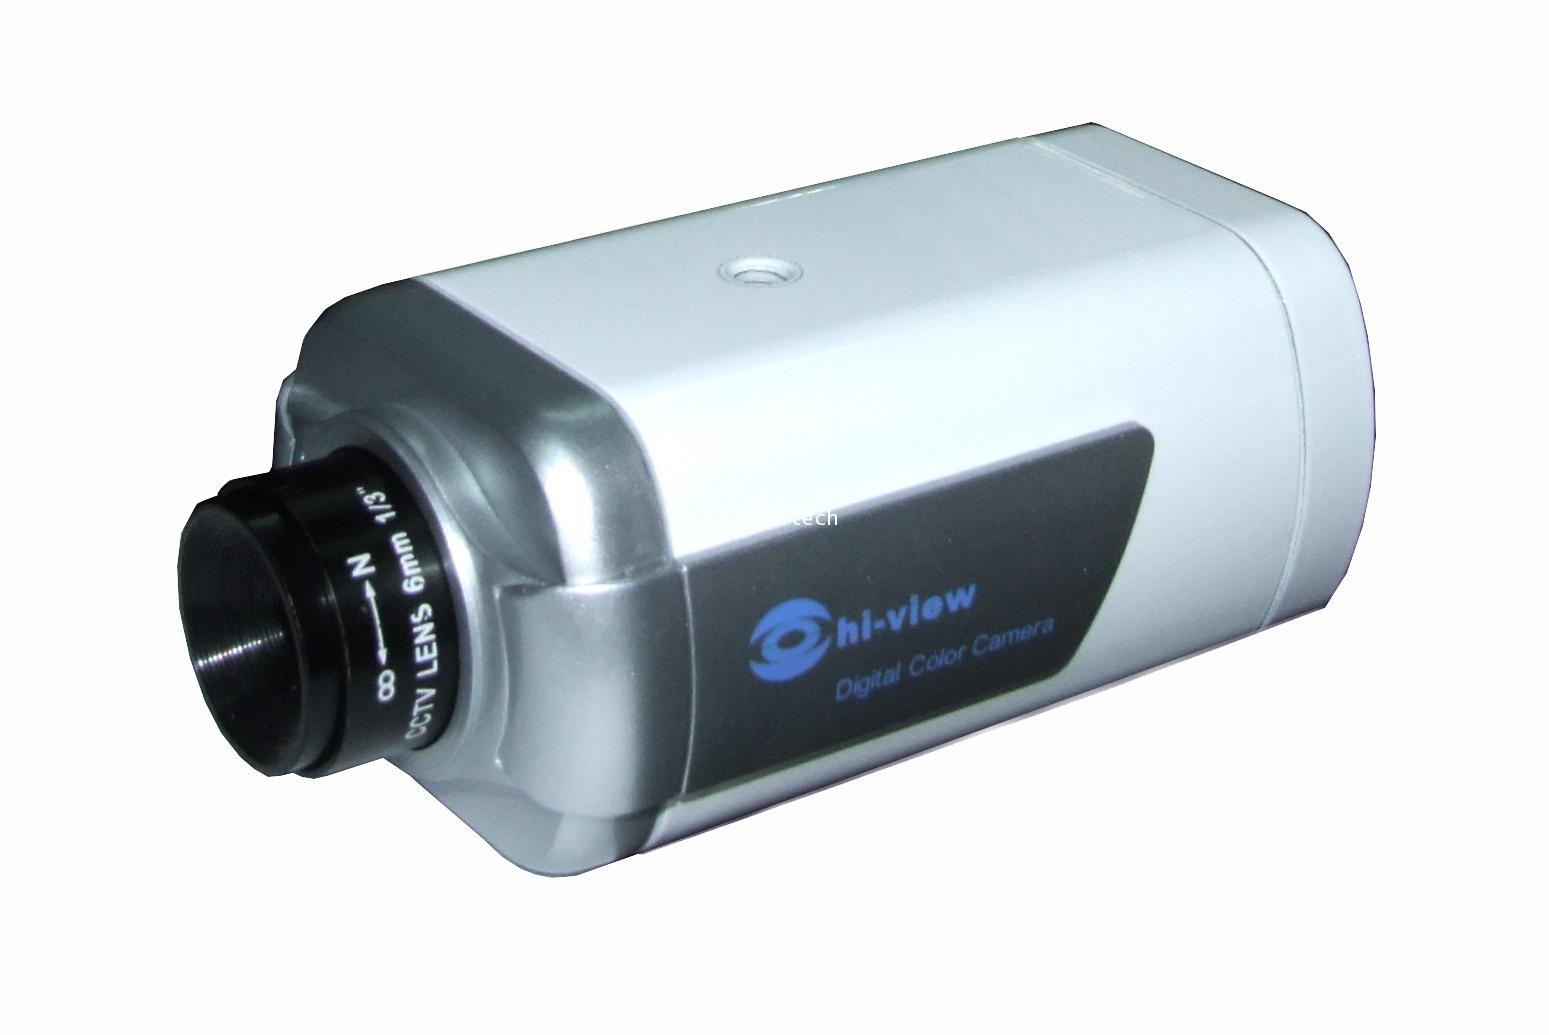 กล้องวงจรปิด hi-view Hv-311S